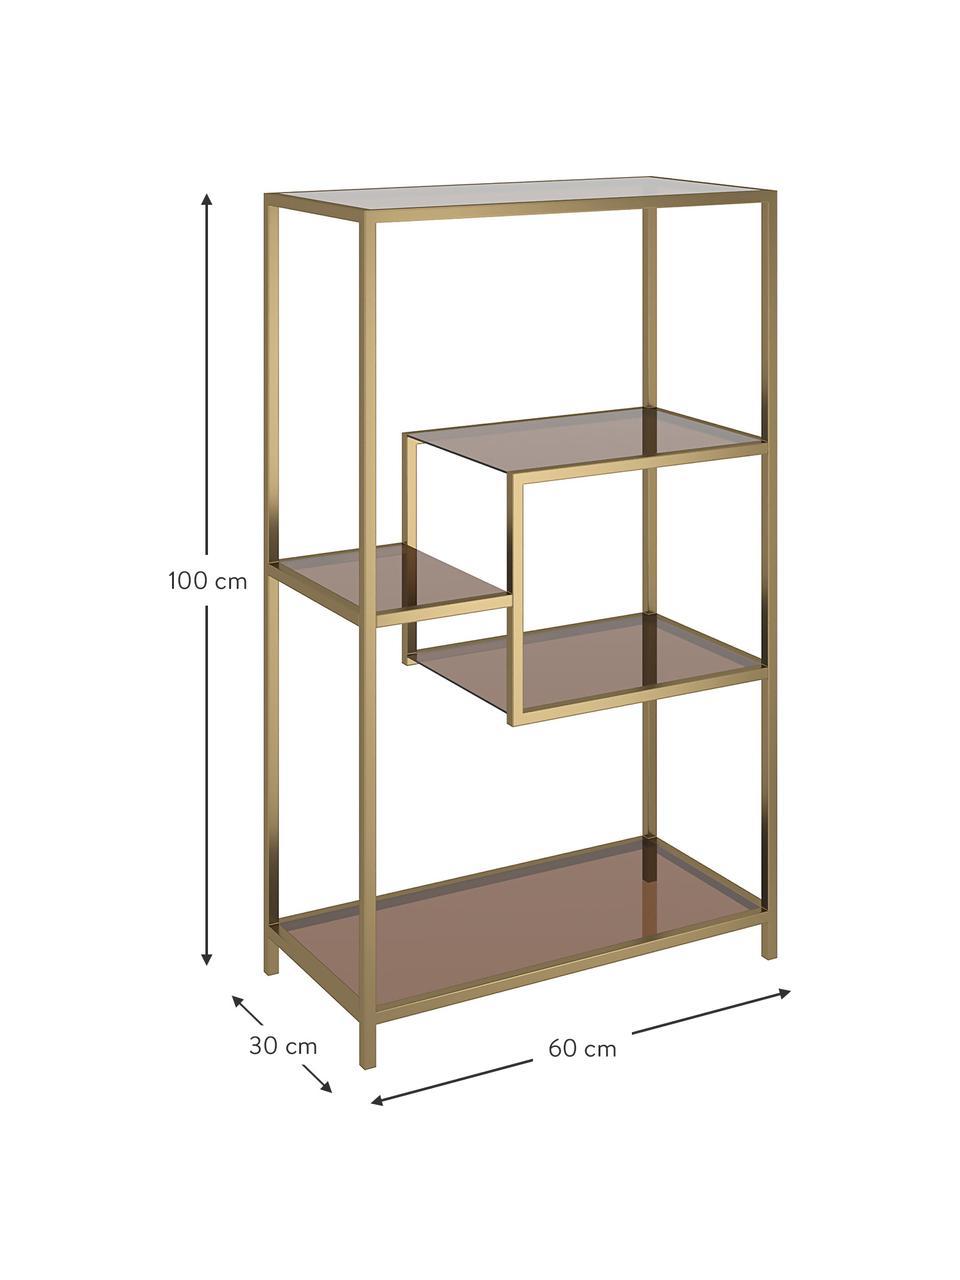 Metall-Standregal Loft in Messingfarben, Gestell: Metall, pulverbeschichtet, Messingfarben, 60 x 100 cm